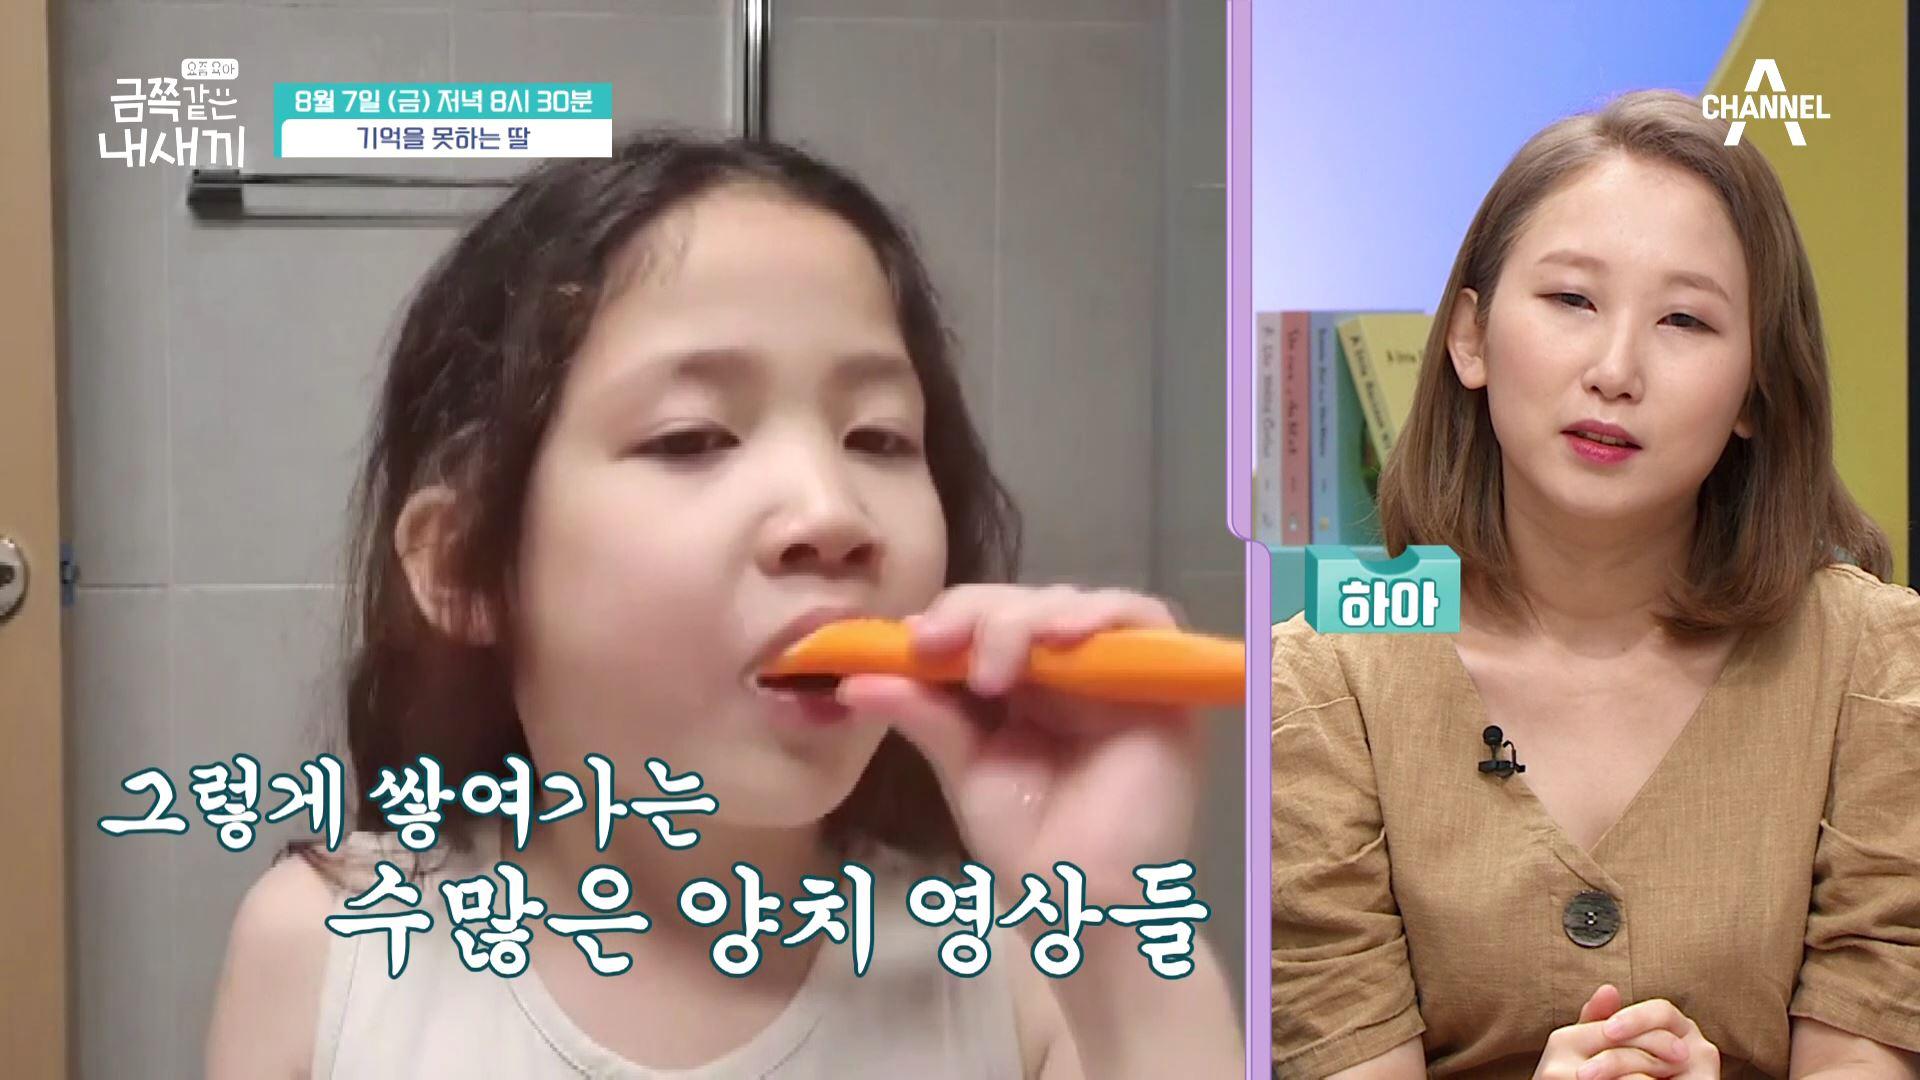 """[선공개] """"엄마 나 손 씻었어?"""" 자신의 행동을 기억하지 못하는 금쪽이?! 이미지"""